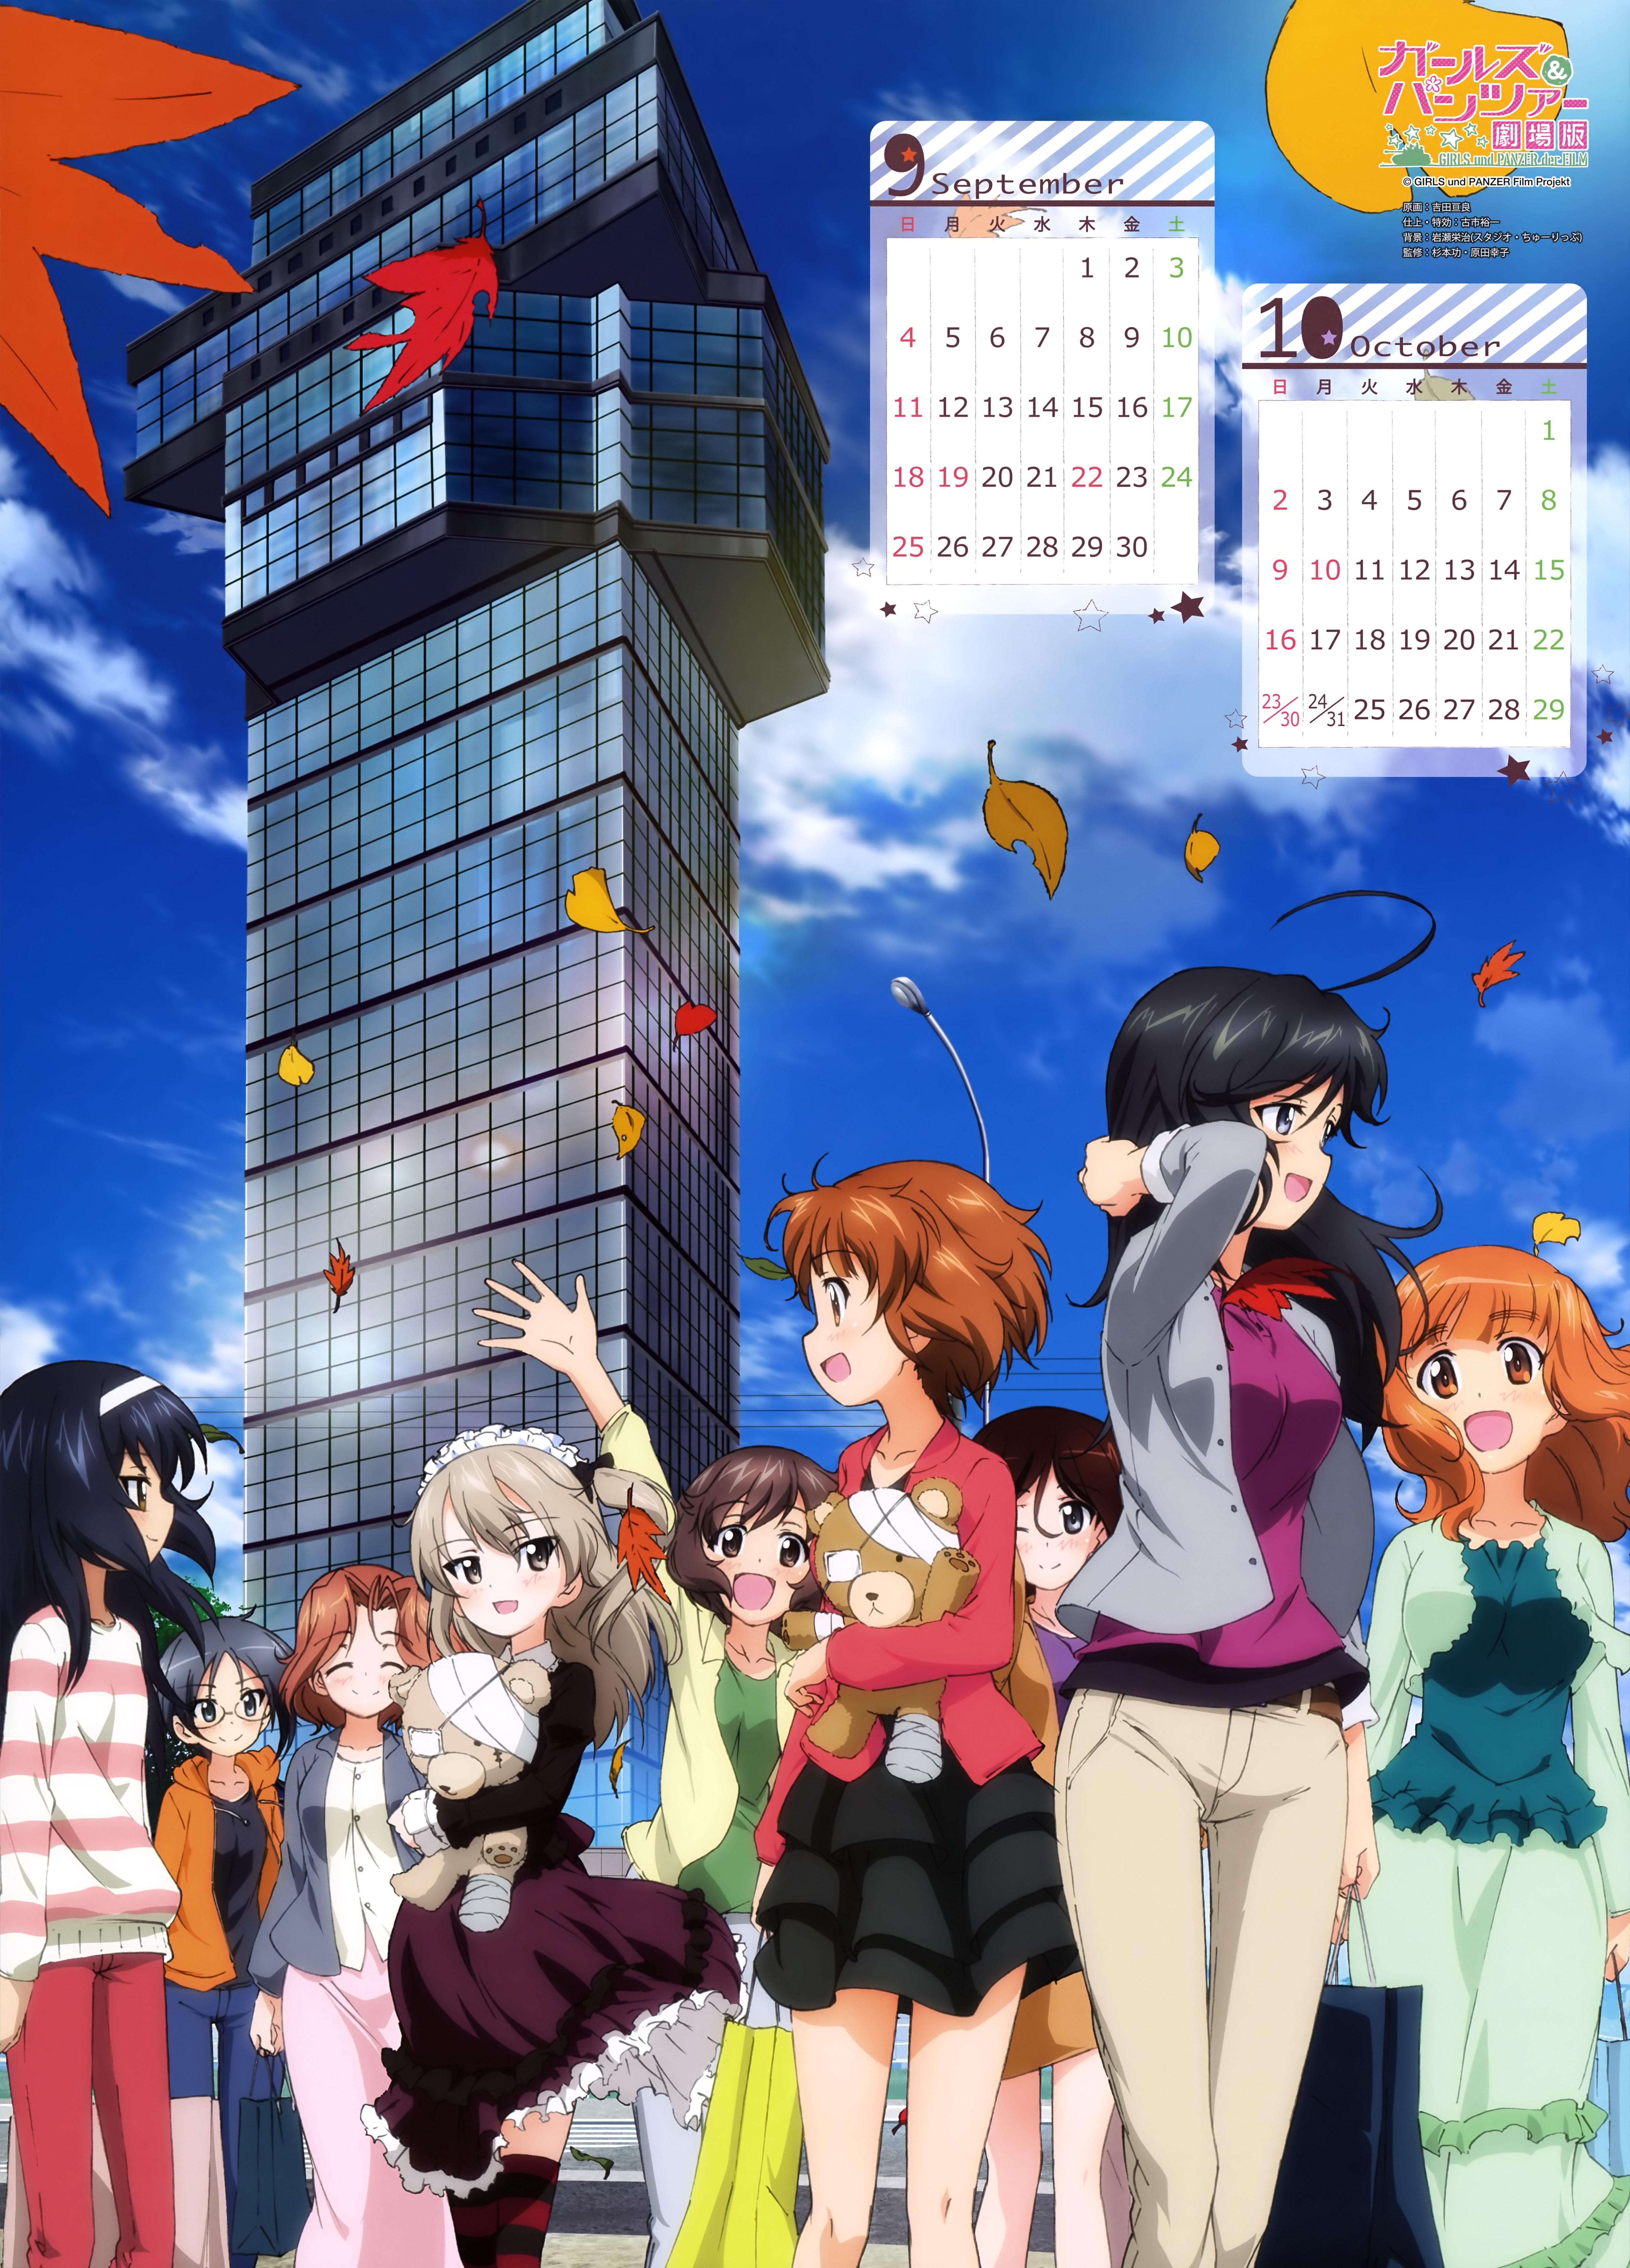 Girls und Panzer Anime calendar 2016 0006